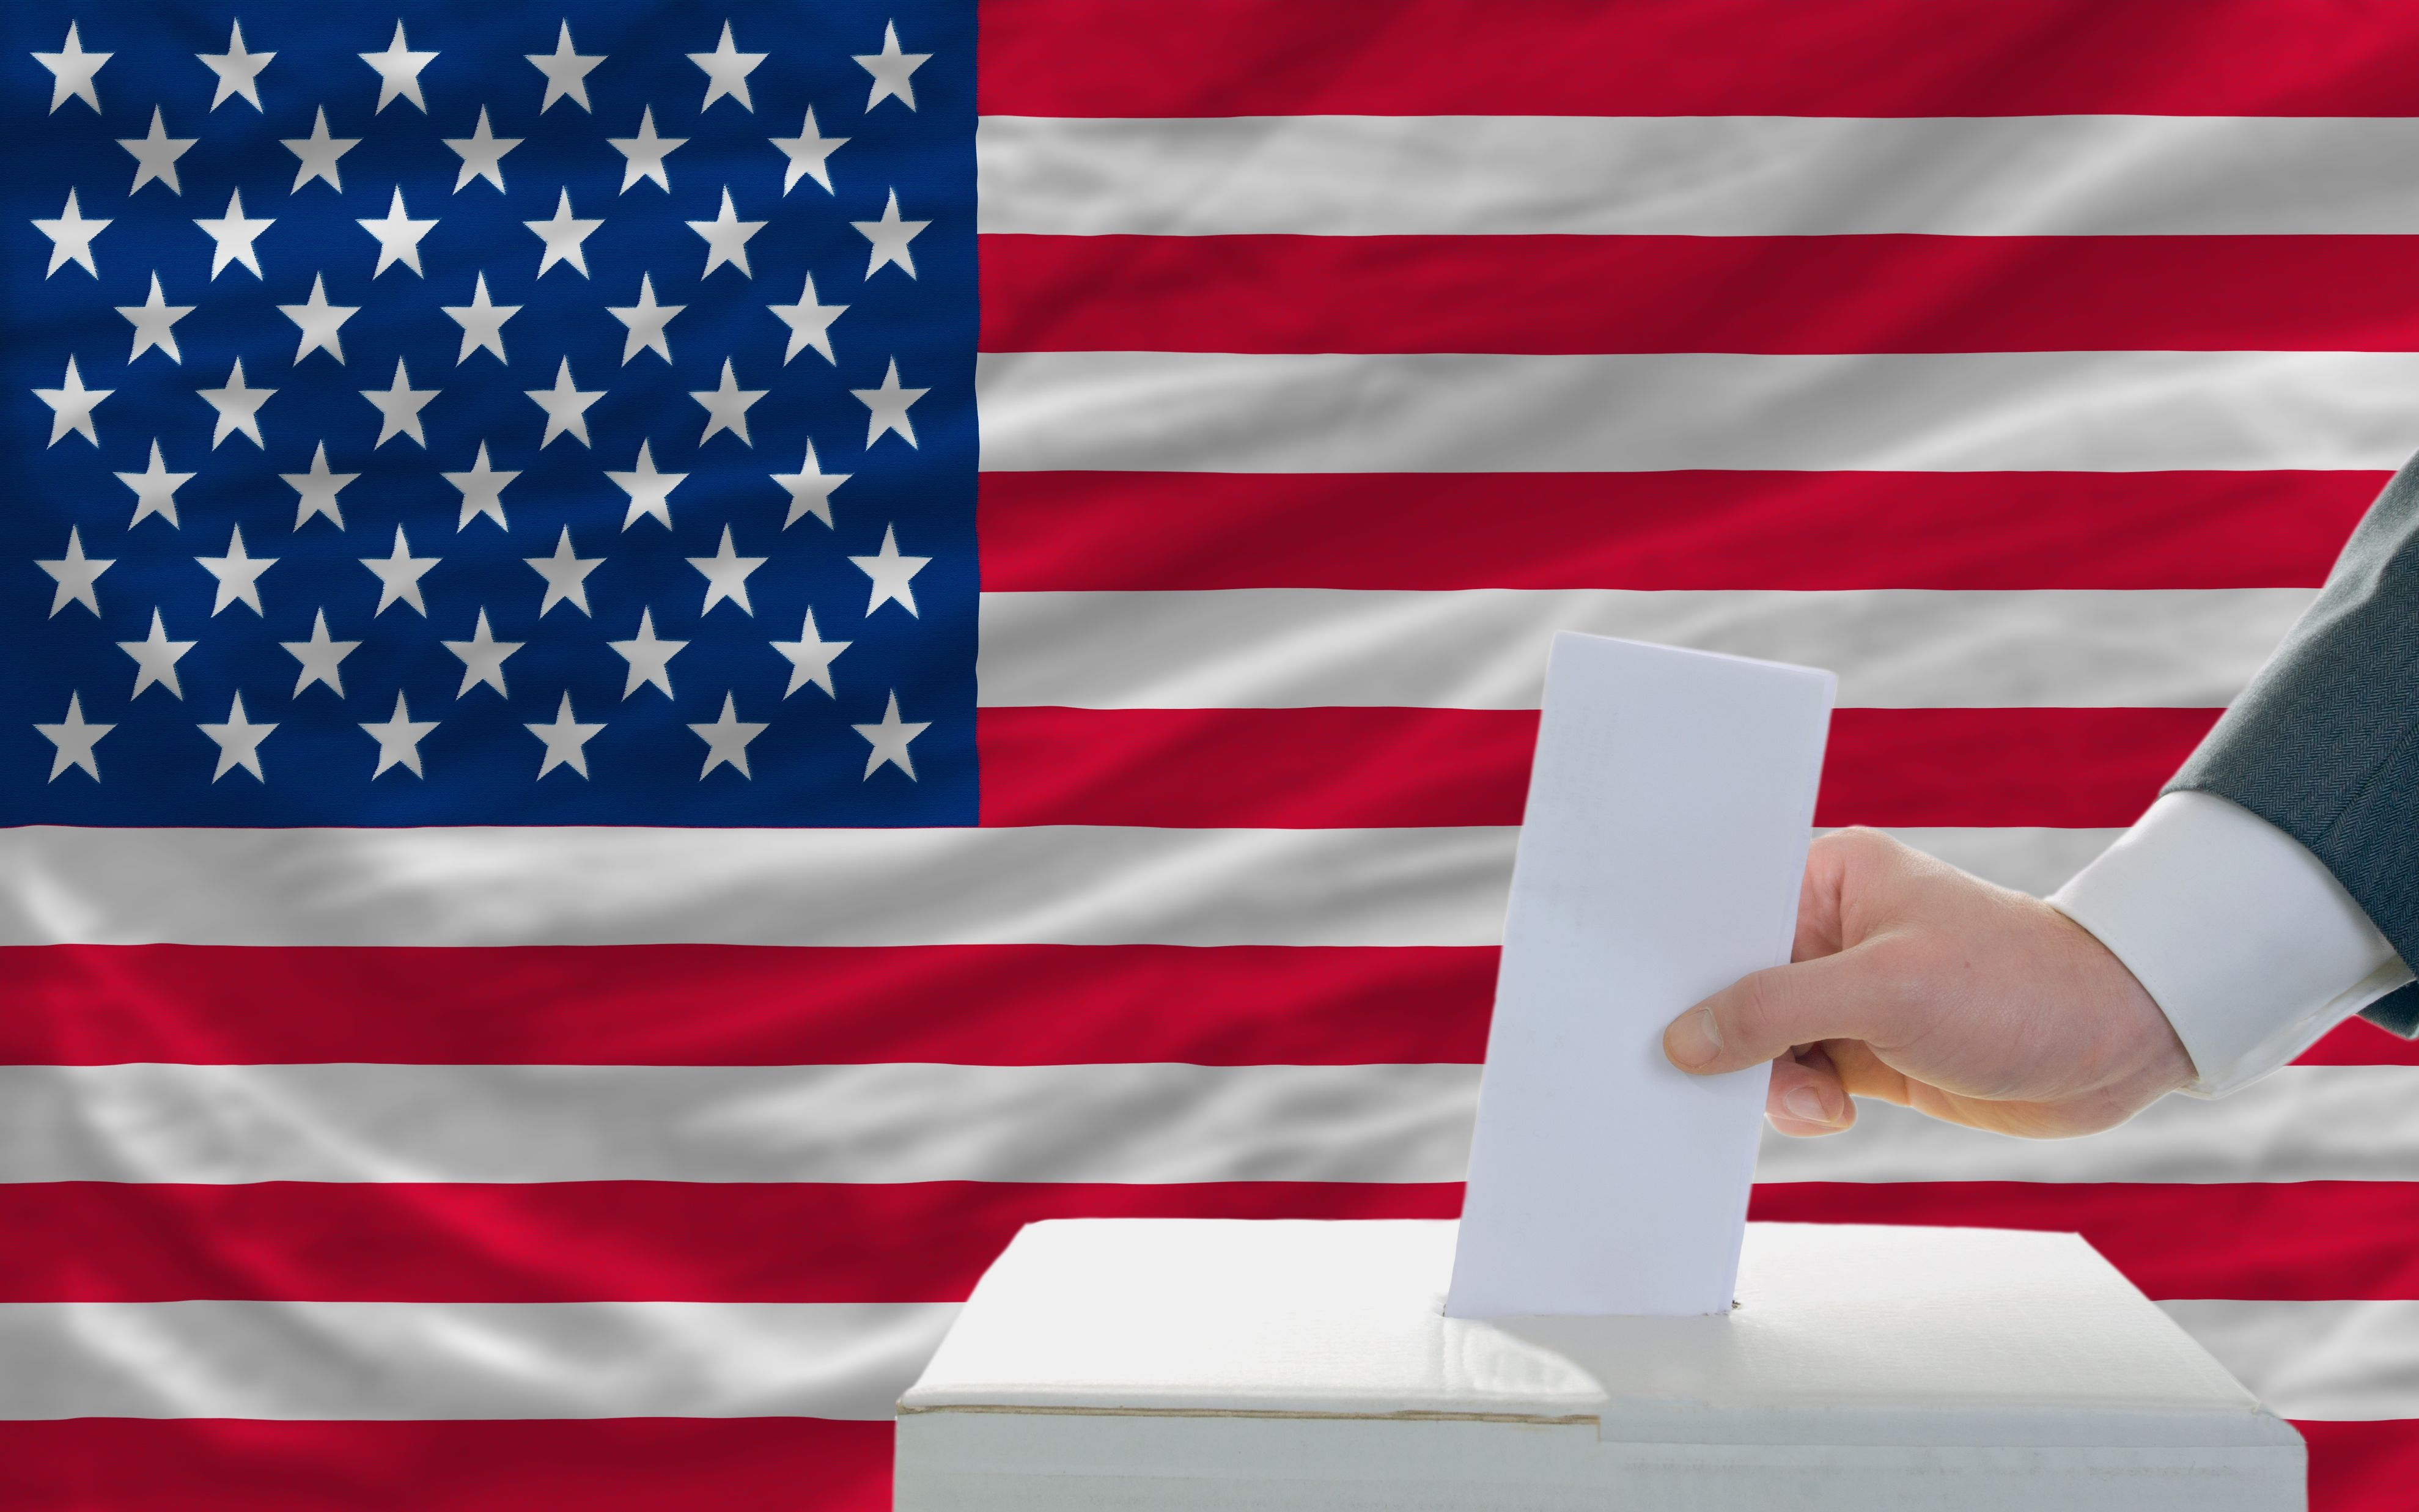 Así votarías mañana (si fueras gringo)